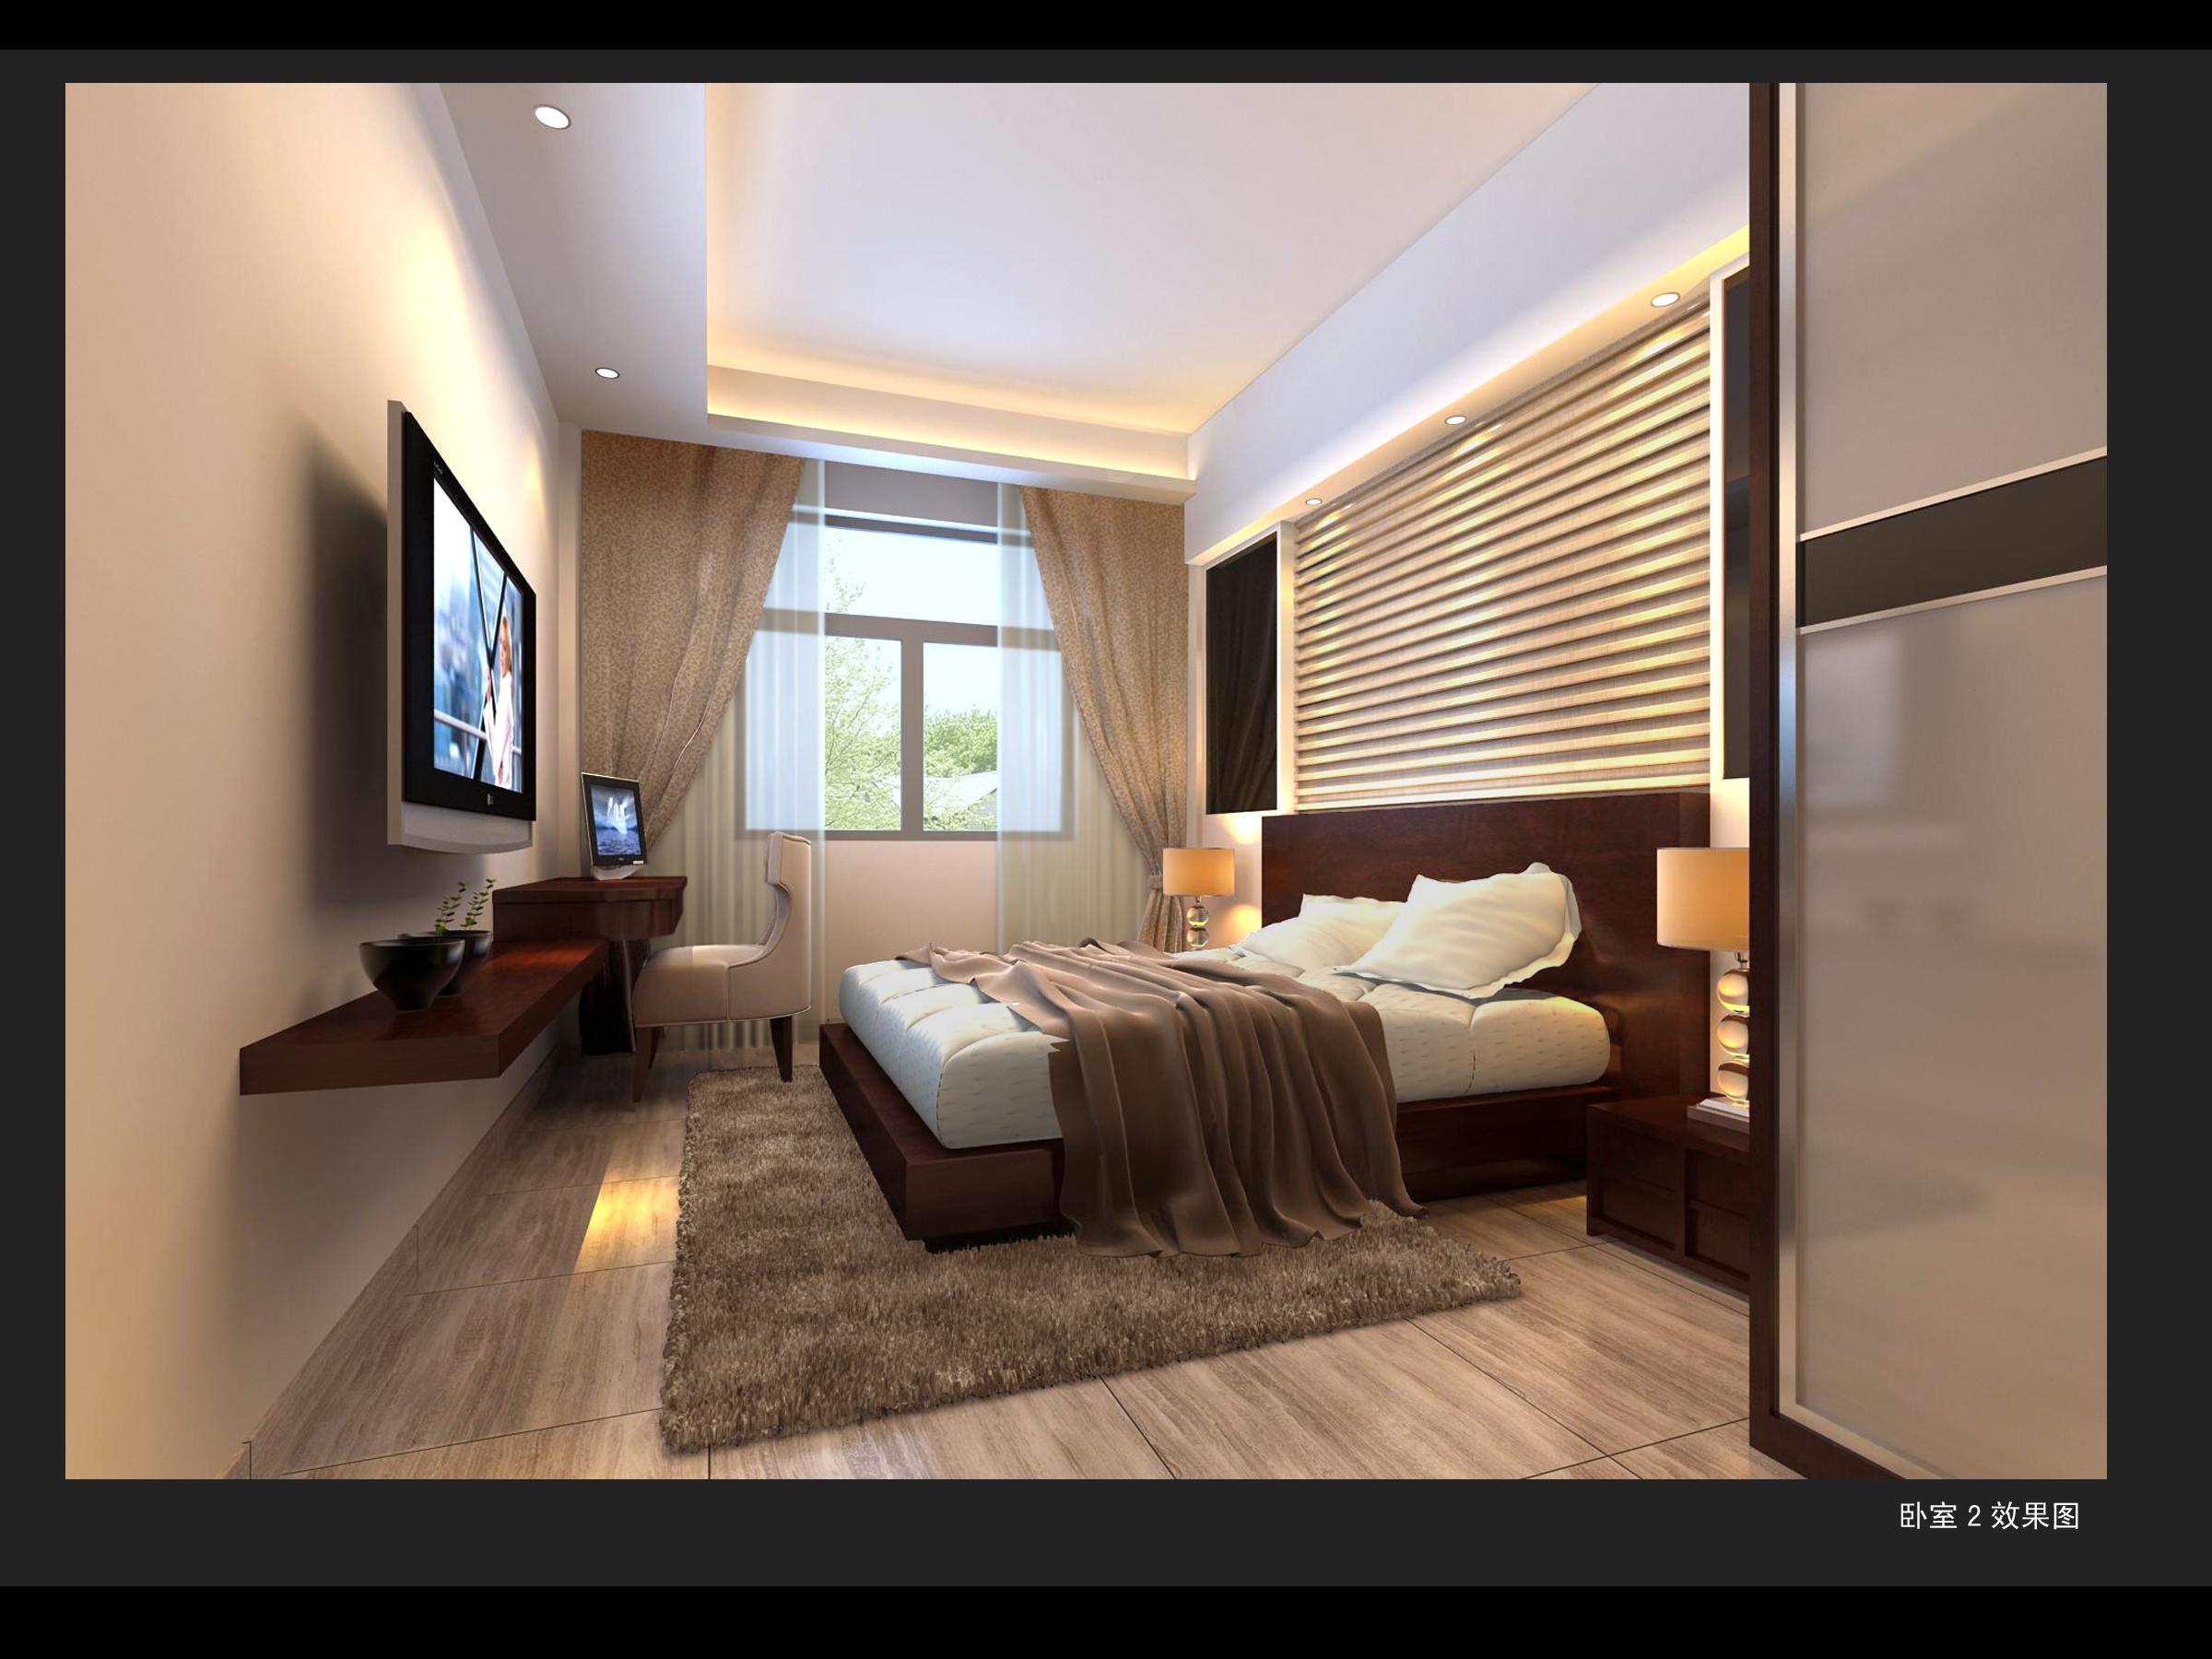 家装卧室_视角空间设计工作室案例展示_一品威客网